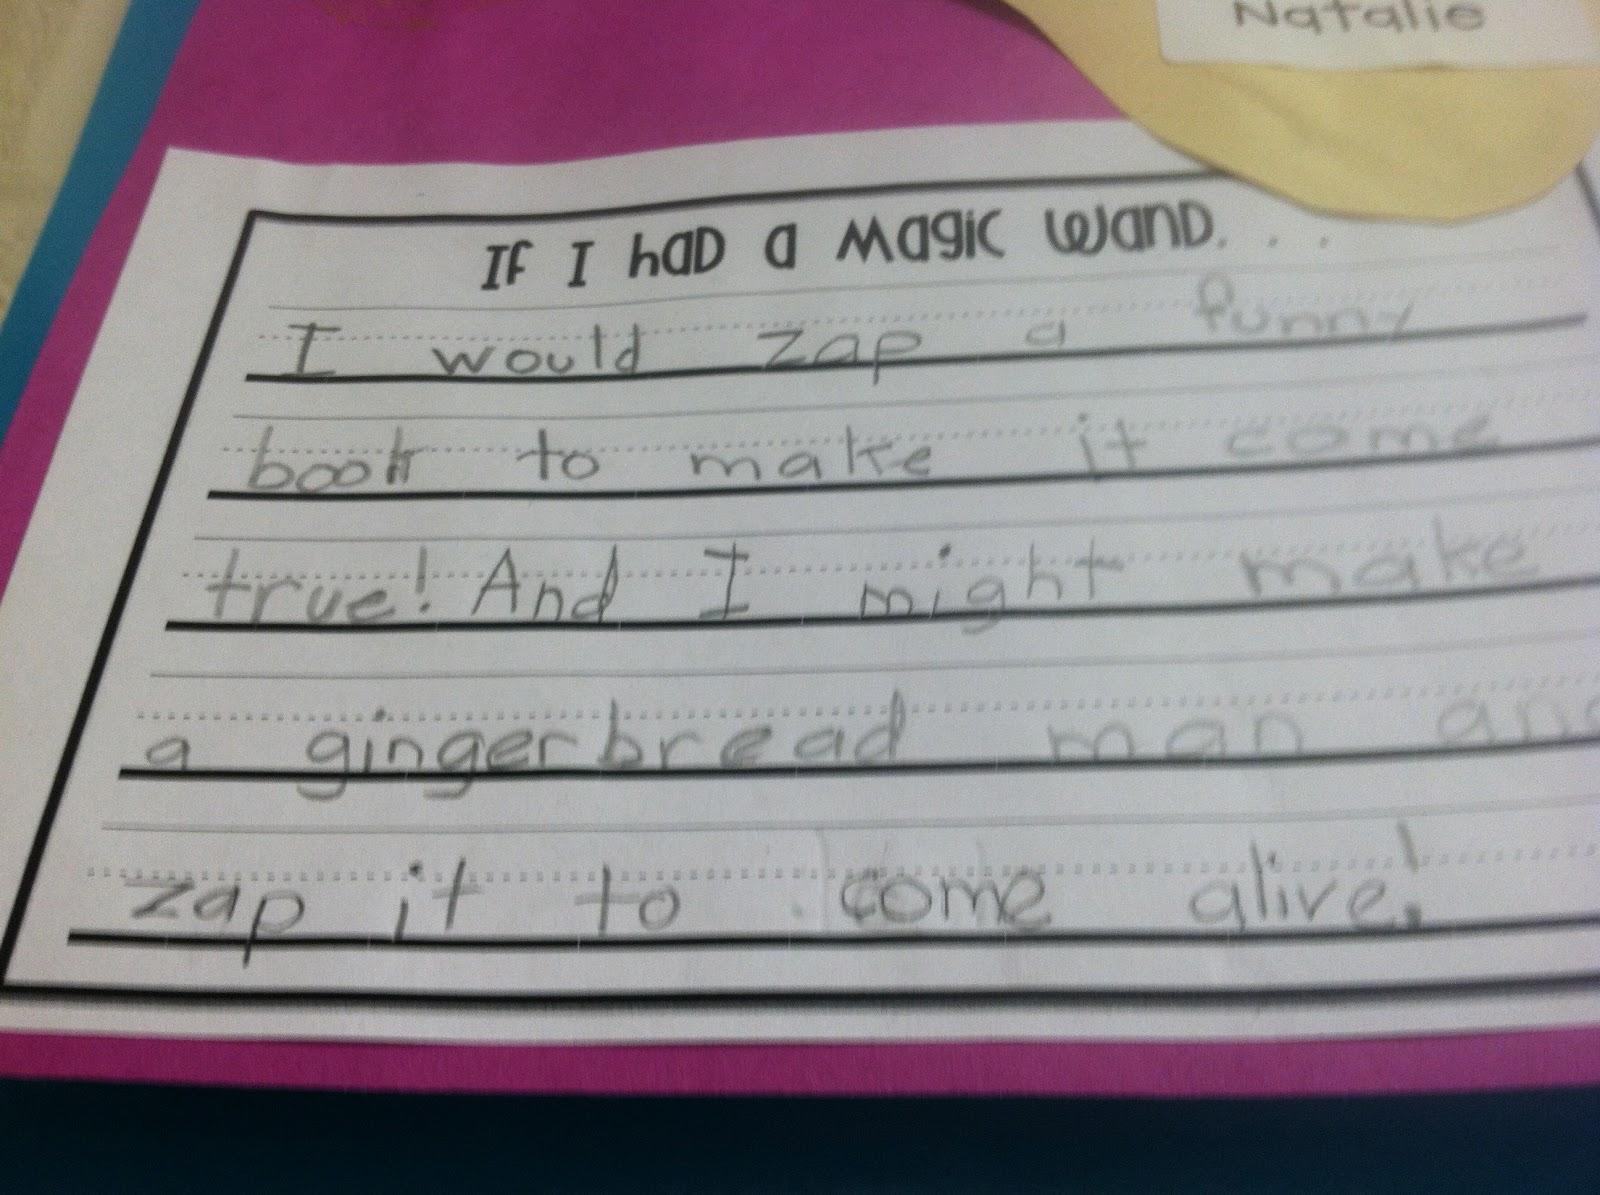 if i had a magic wand poem